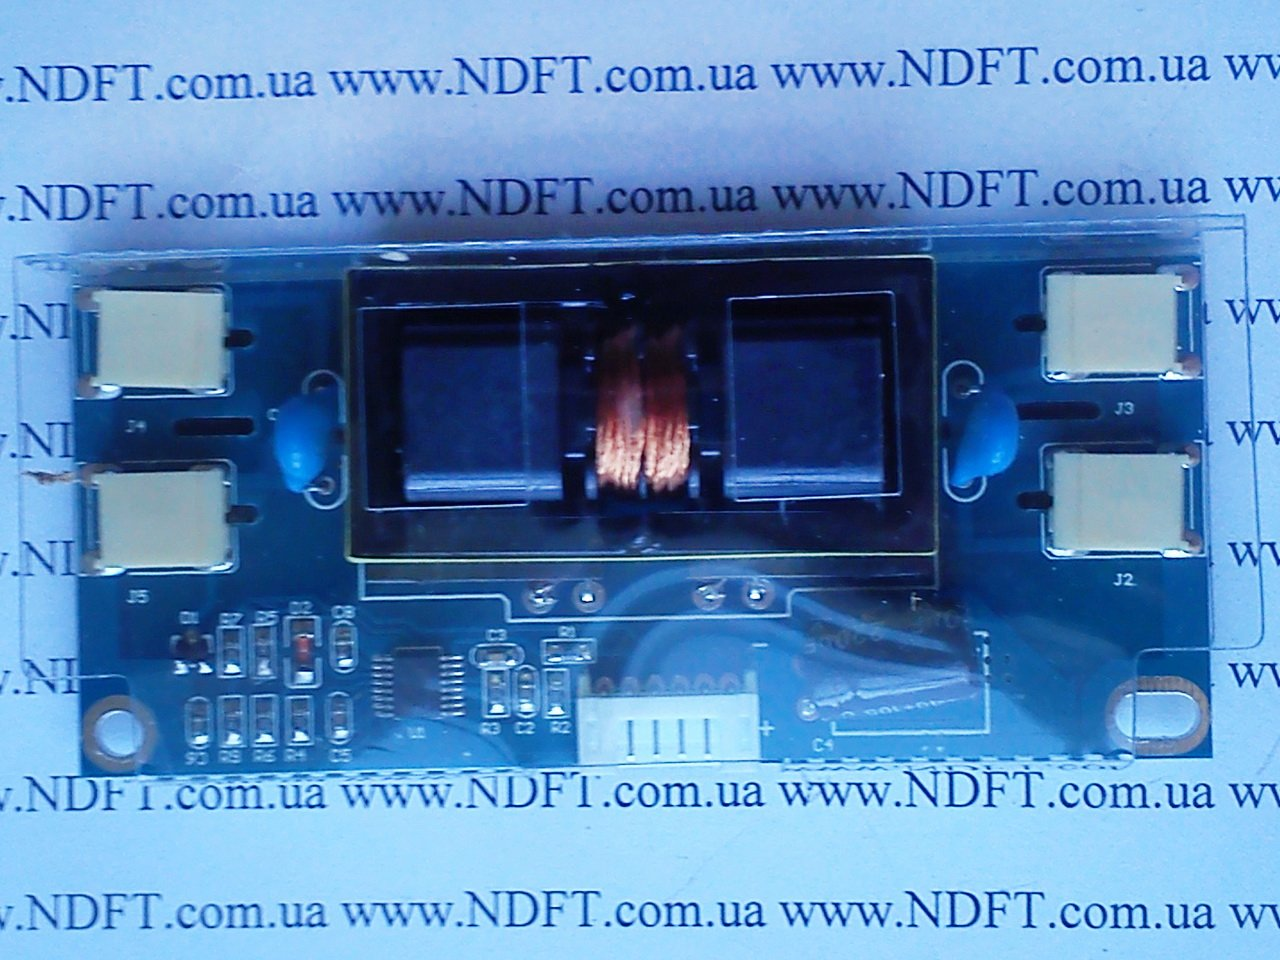 """Универсальный инвертор на 4 лампы 15-24"""" - NdFT Комплектующие для телевизоров и мониторов, светодиоды подсветки, CCFL подсветка, LED"""